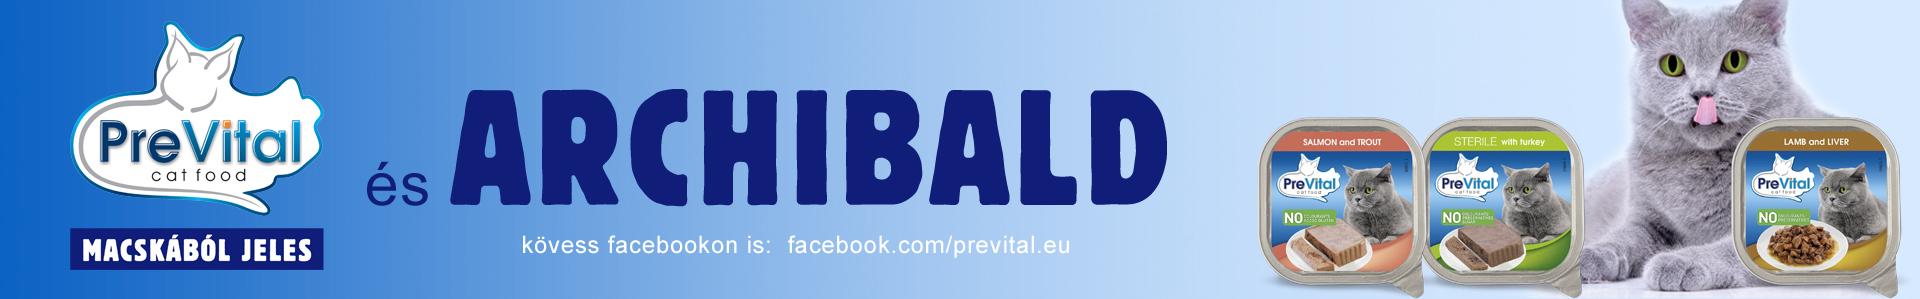 ARCHIBALD - Prevital